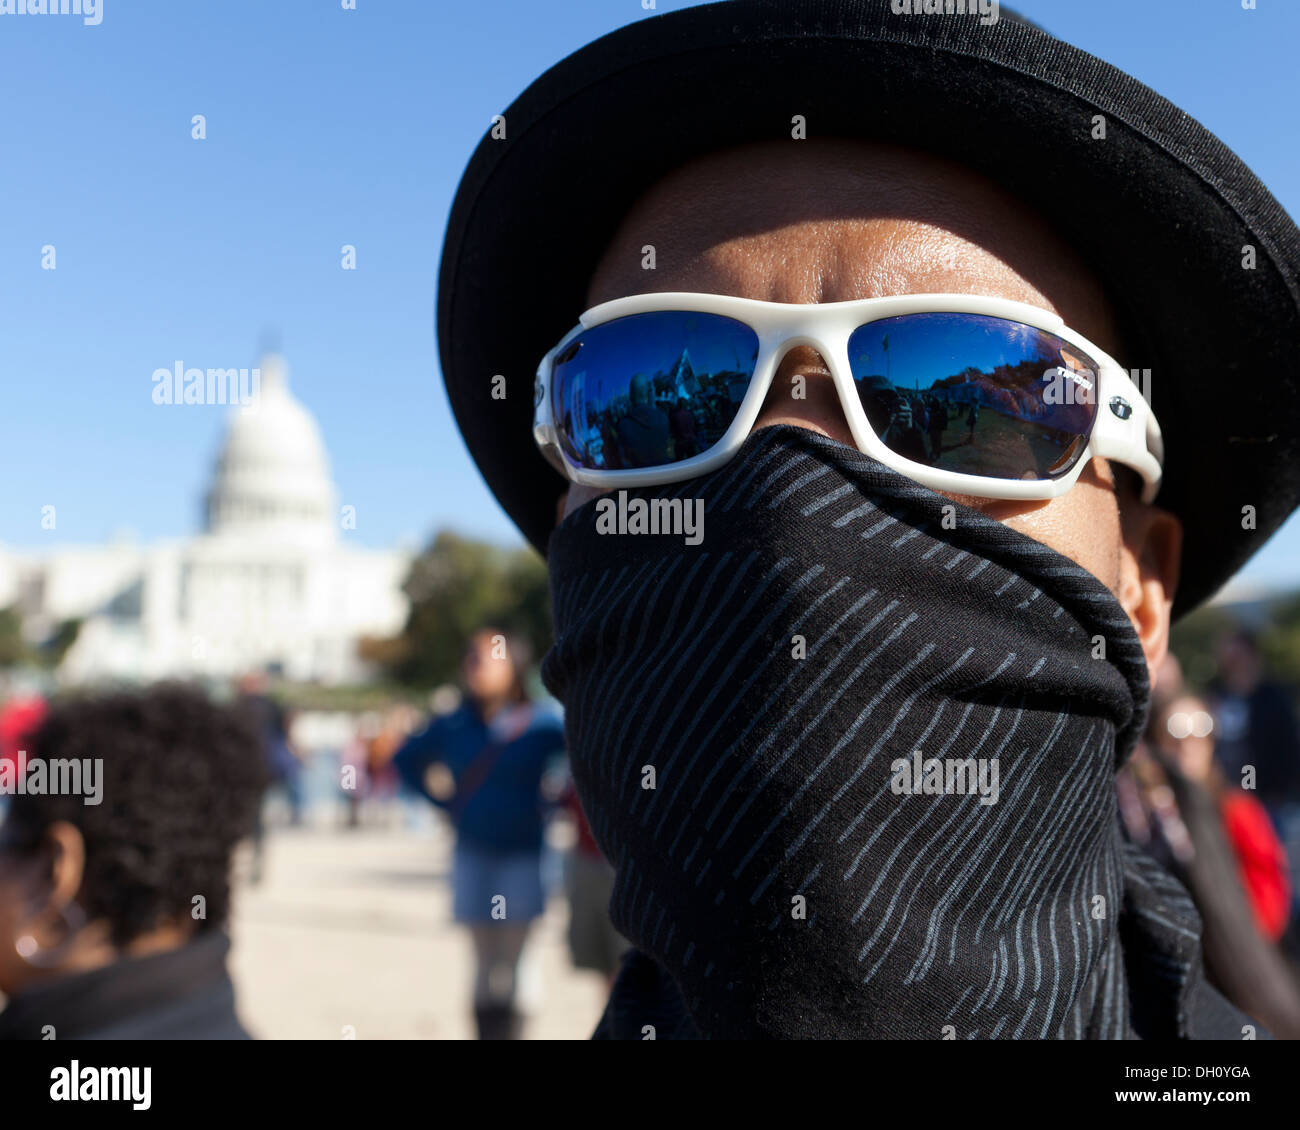 L homme se cachant le visage avec masque de bandana, lunettes de soleil, ee00984a92ae